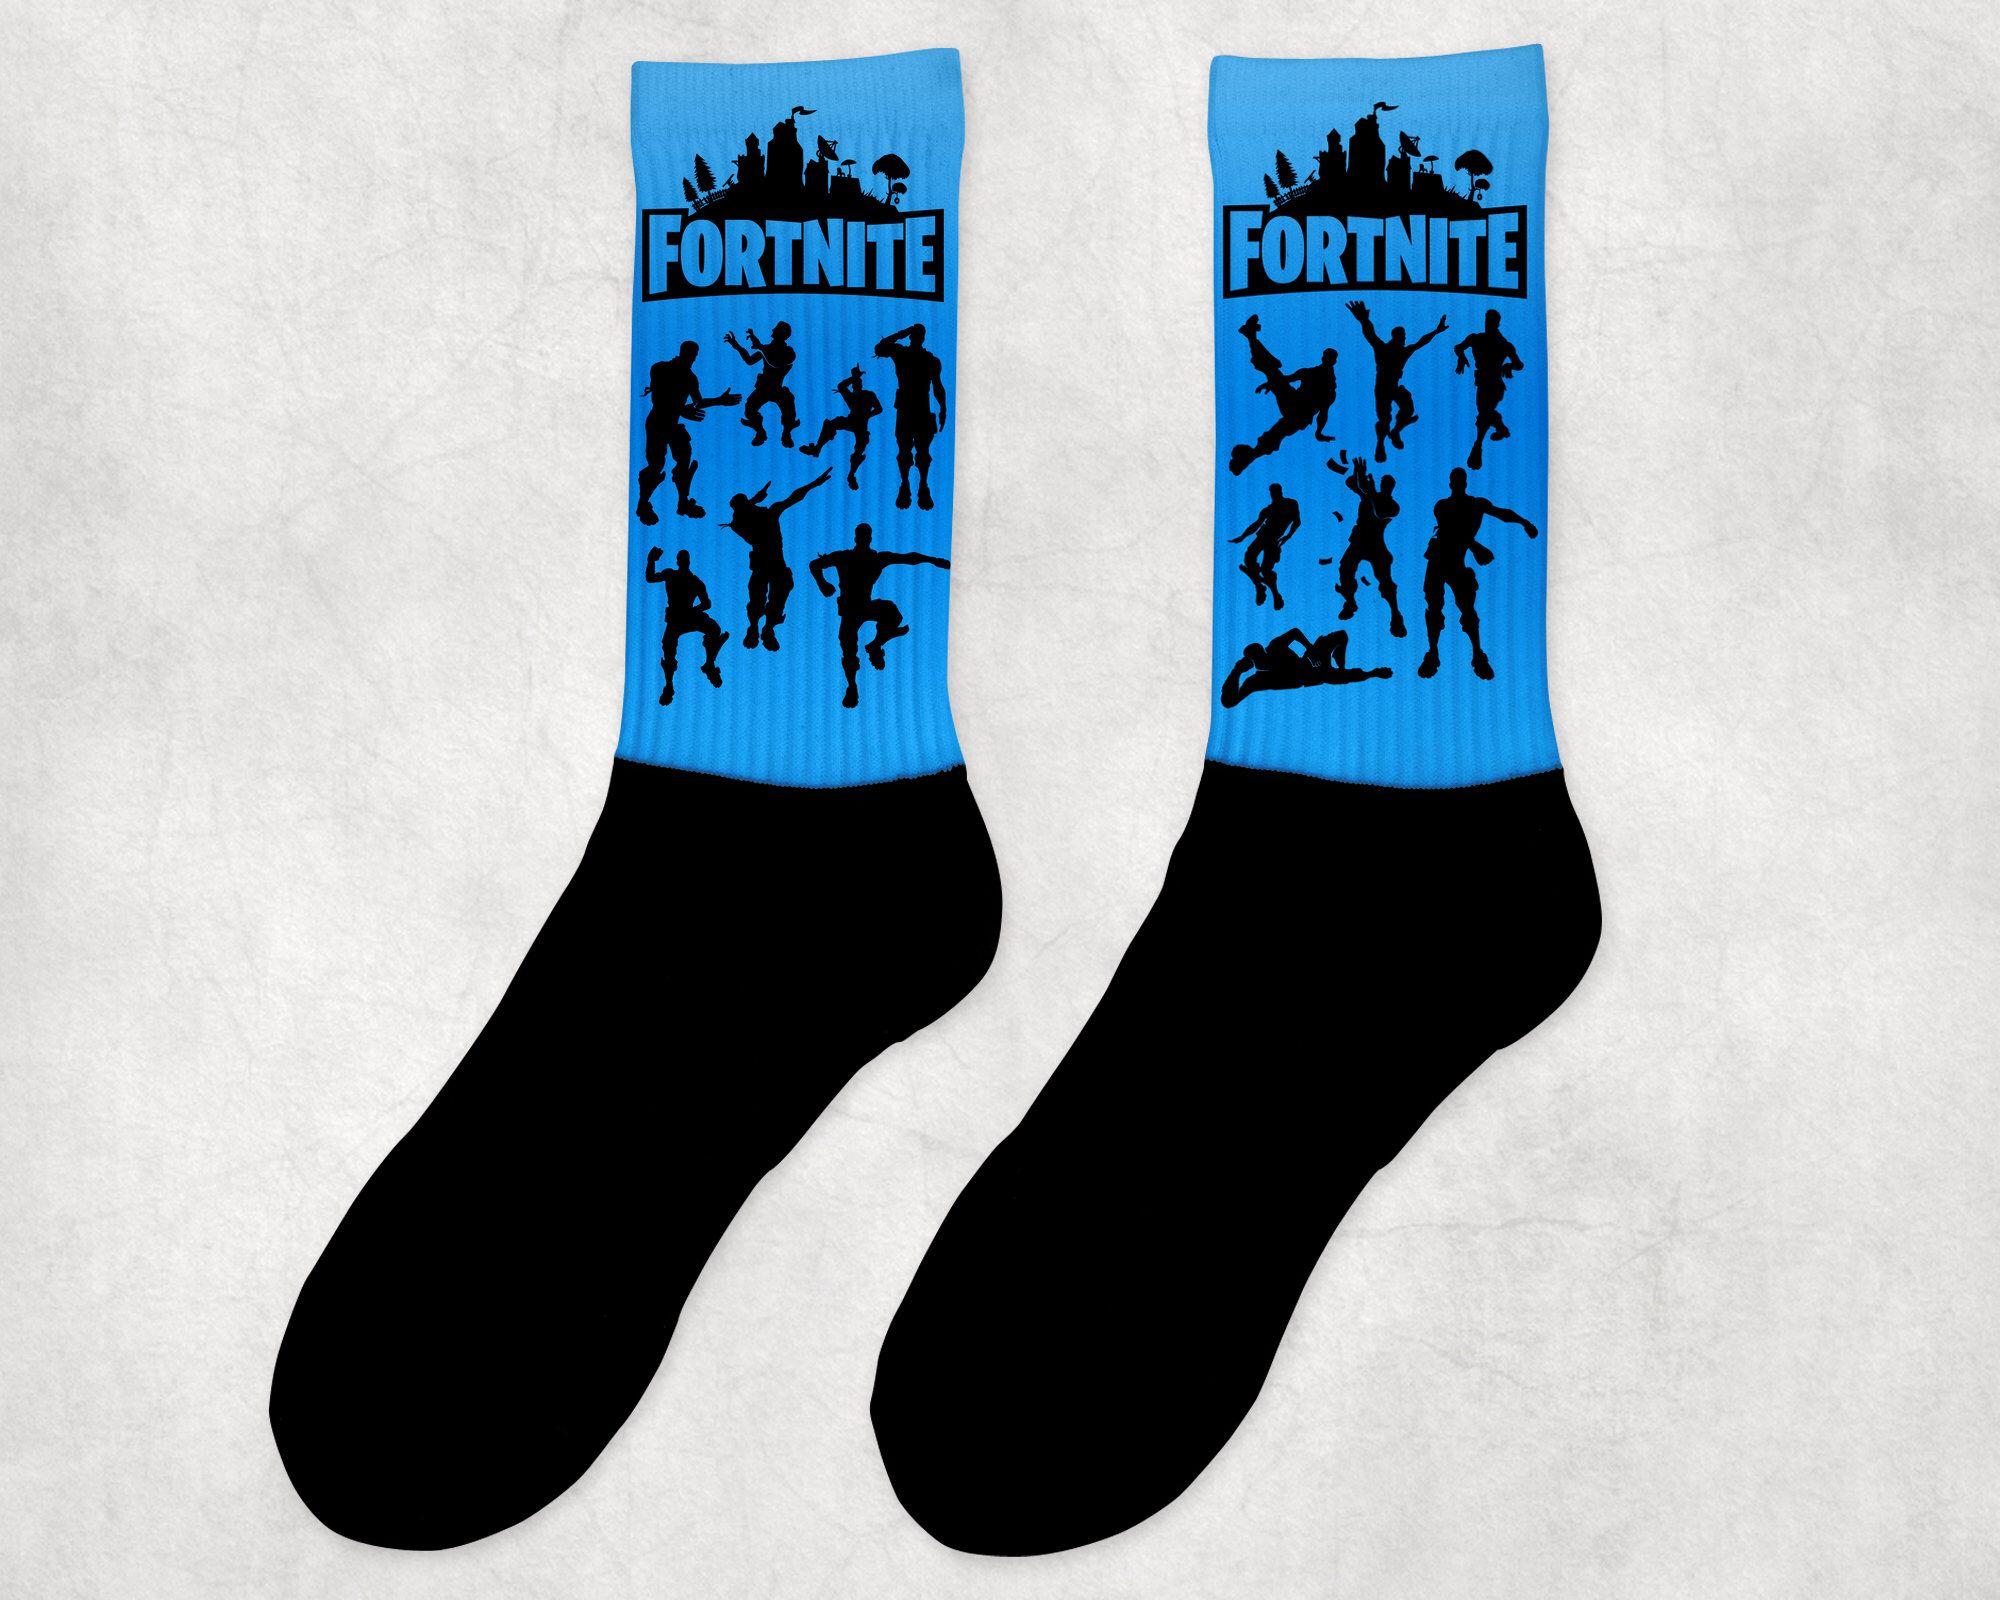 Fortnite Socks By Levelchange On Etsy Https Www Etsy Com Listing 612817729 Fortnite Socks Socks Fortnite Comfortable Socks